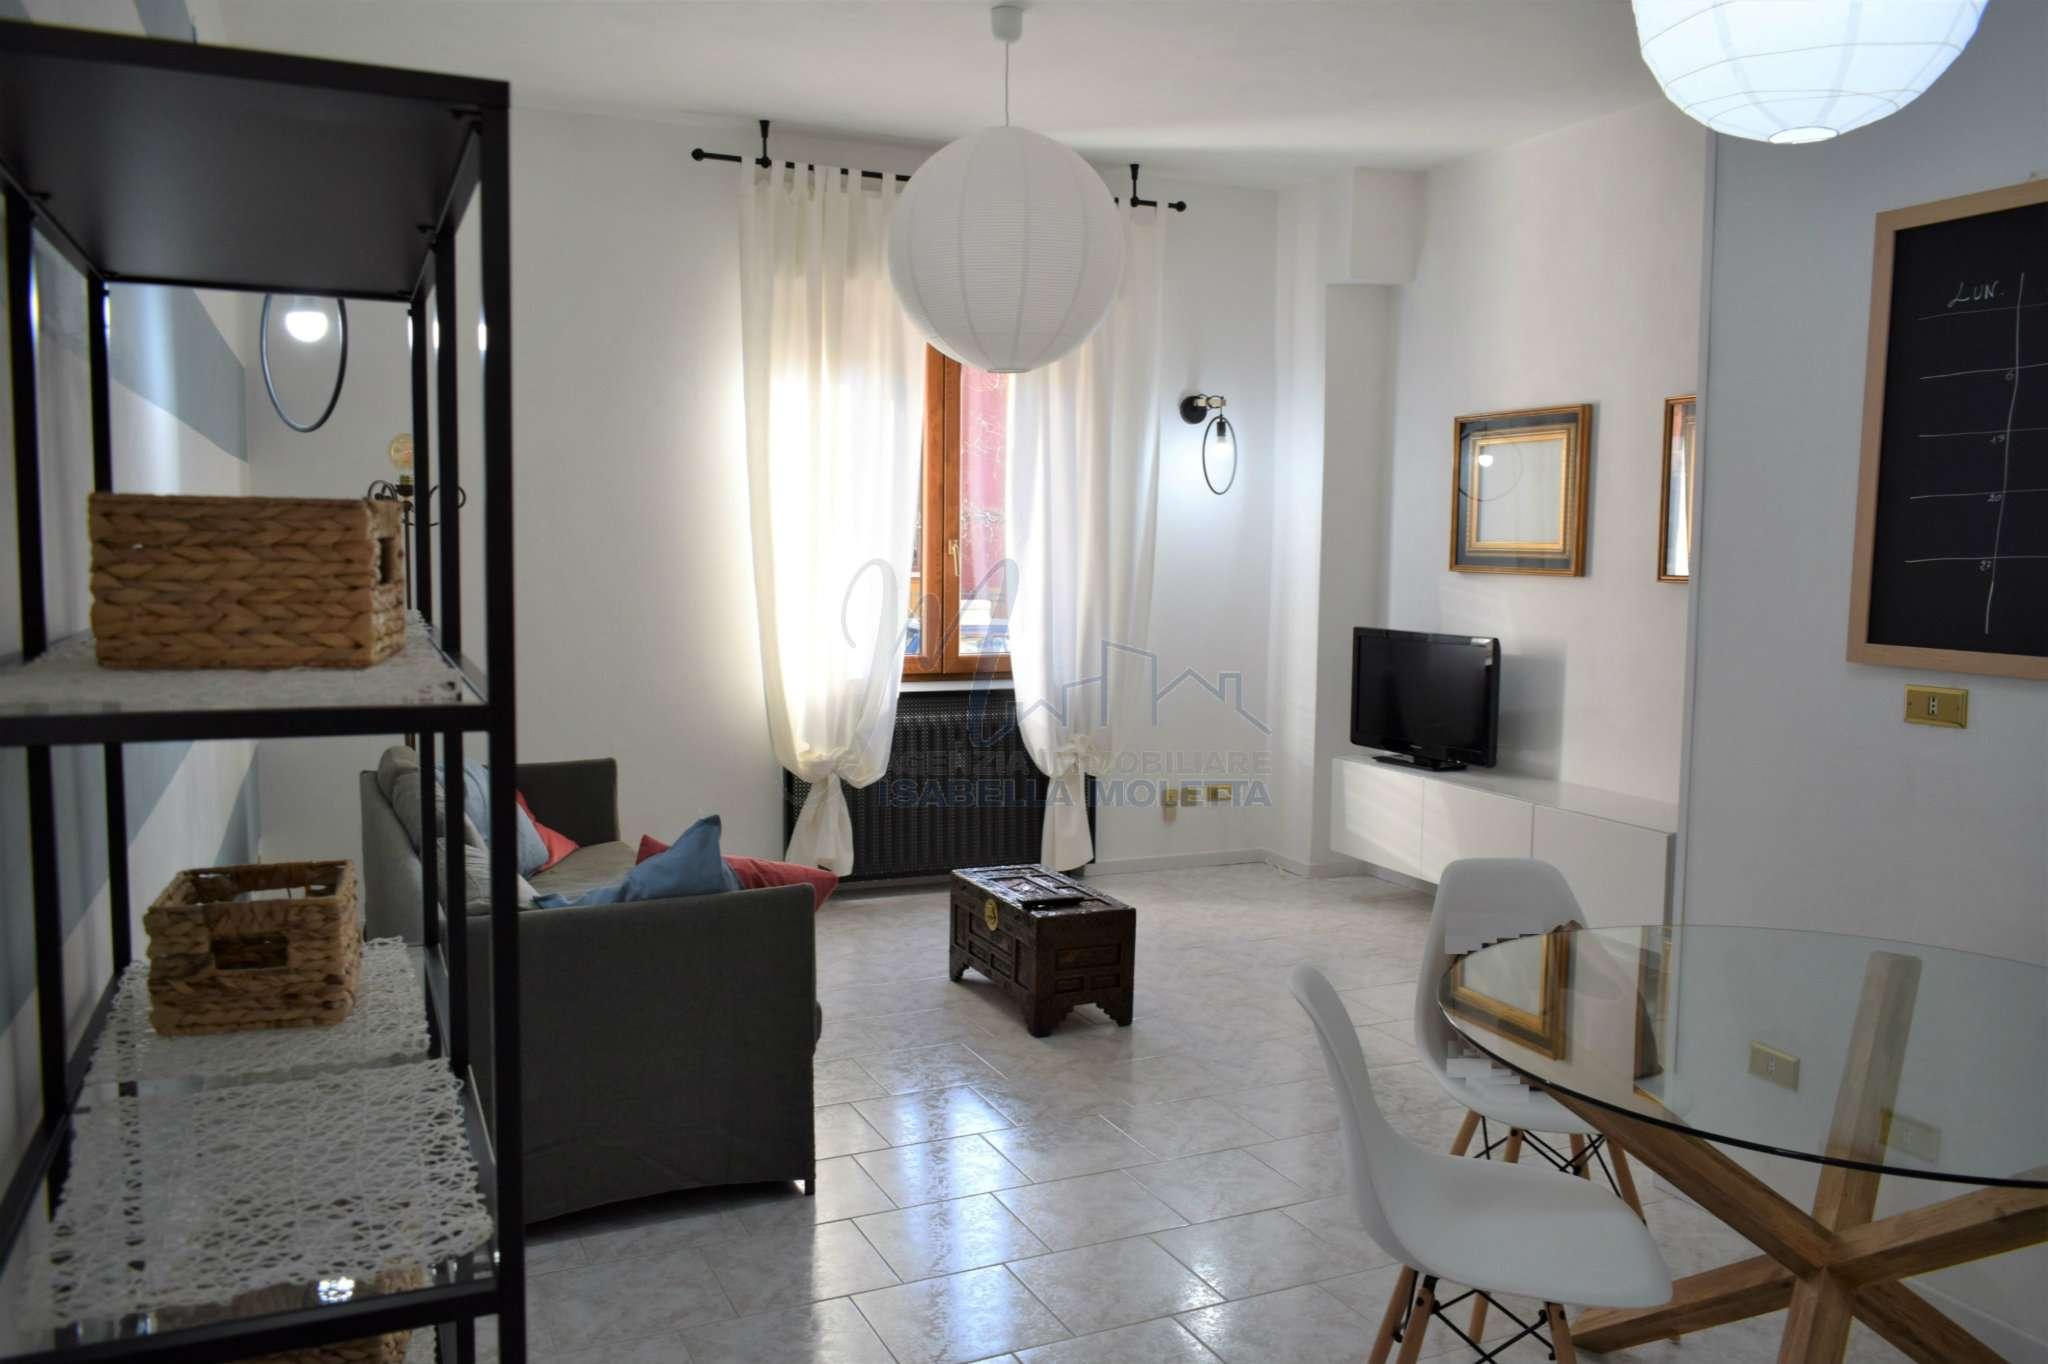 Appartamento in affitto a Verona, 3 locali, zona Borgo Trento, prezzo € 850 | PortaleAgenzieImmobiliari.it